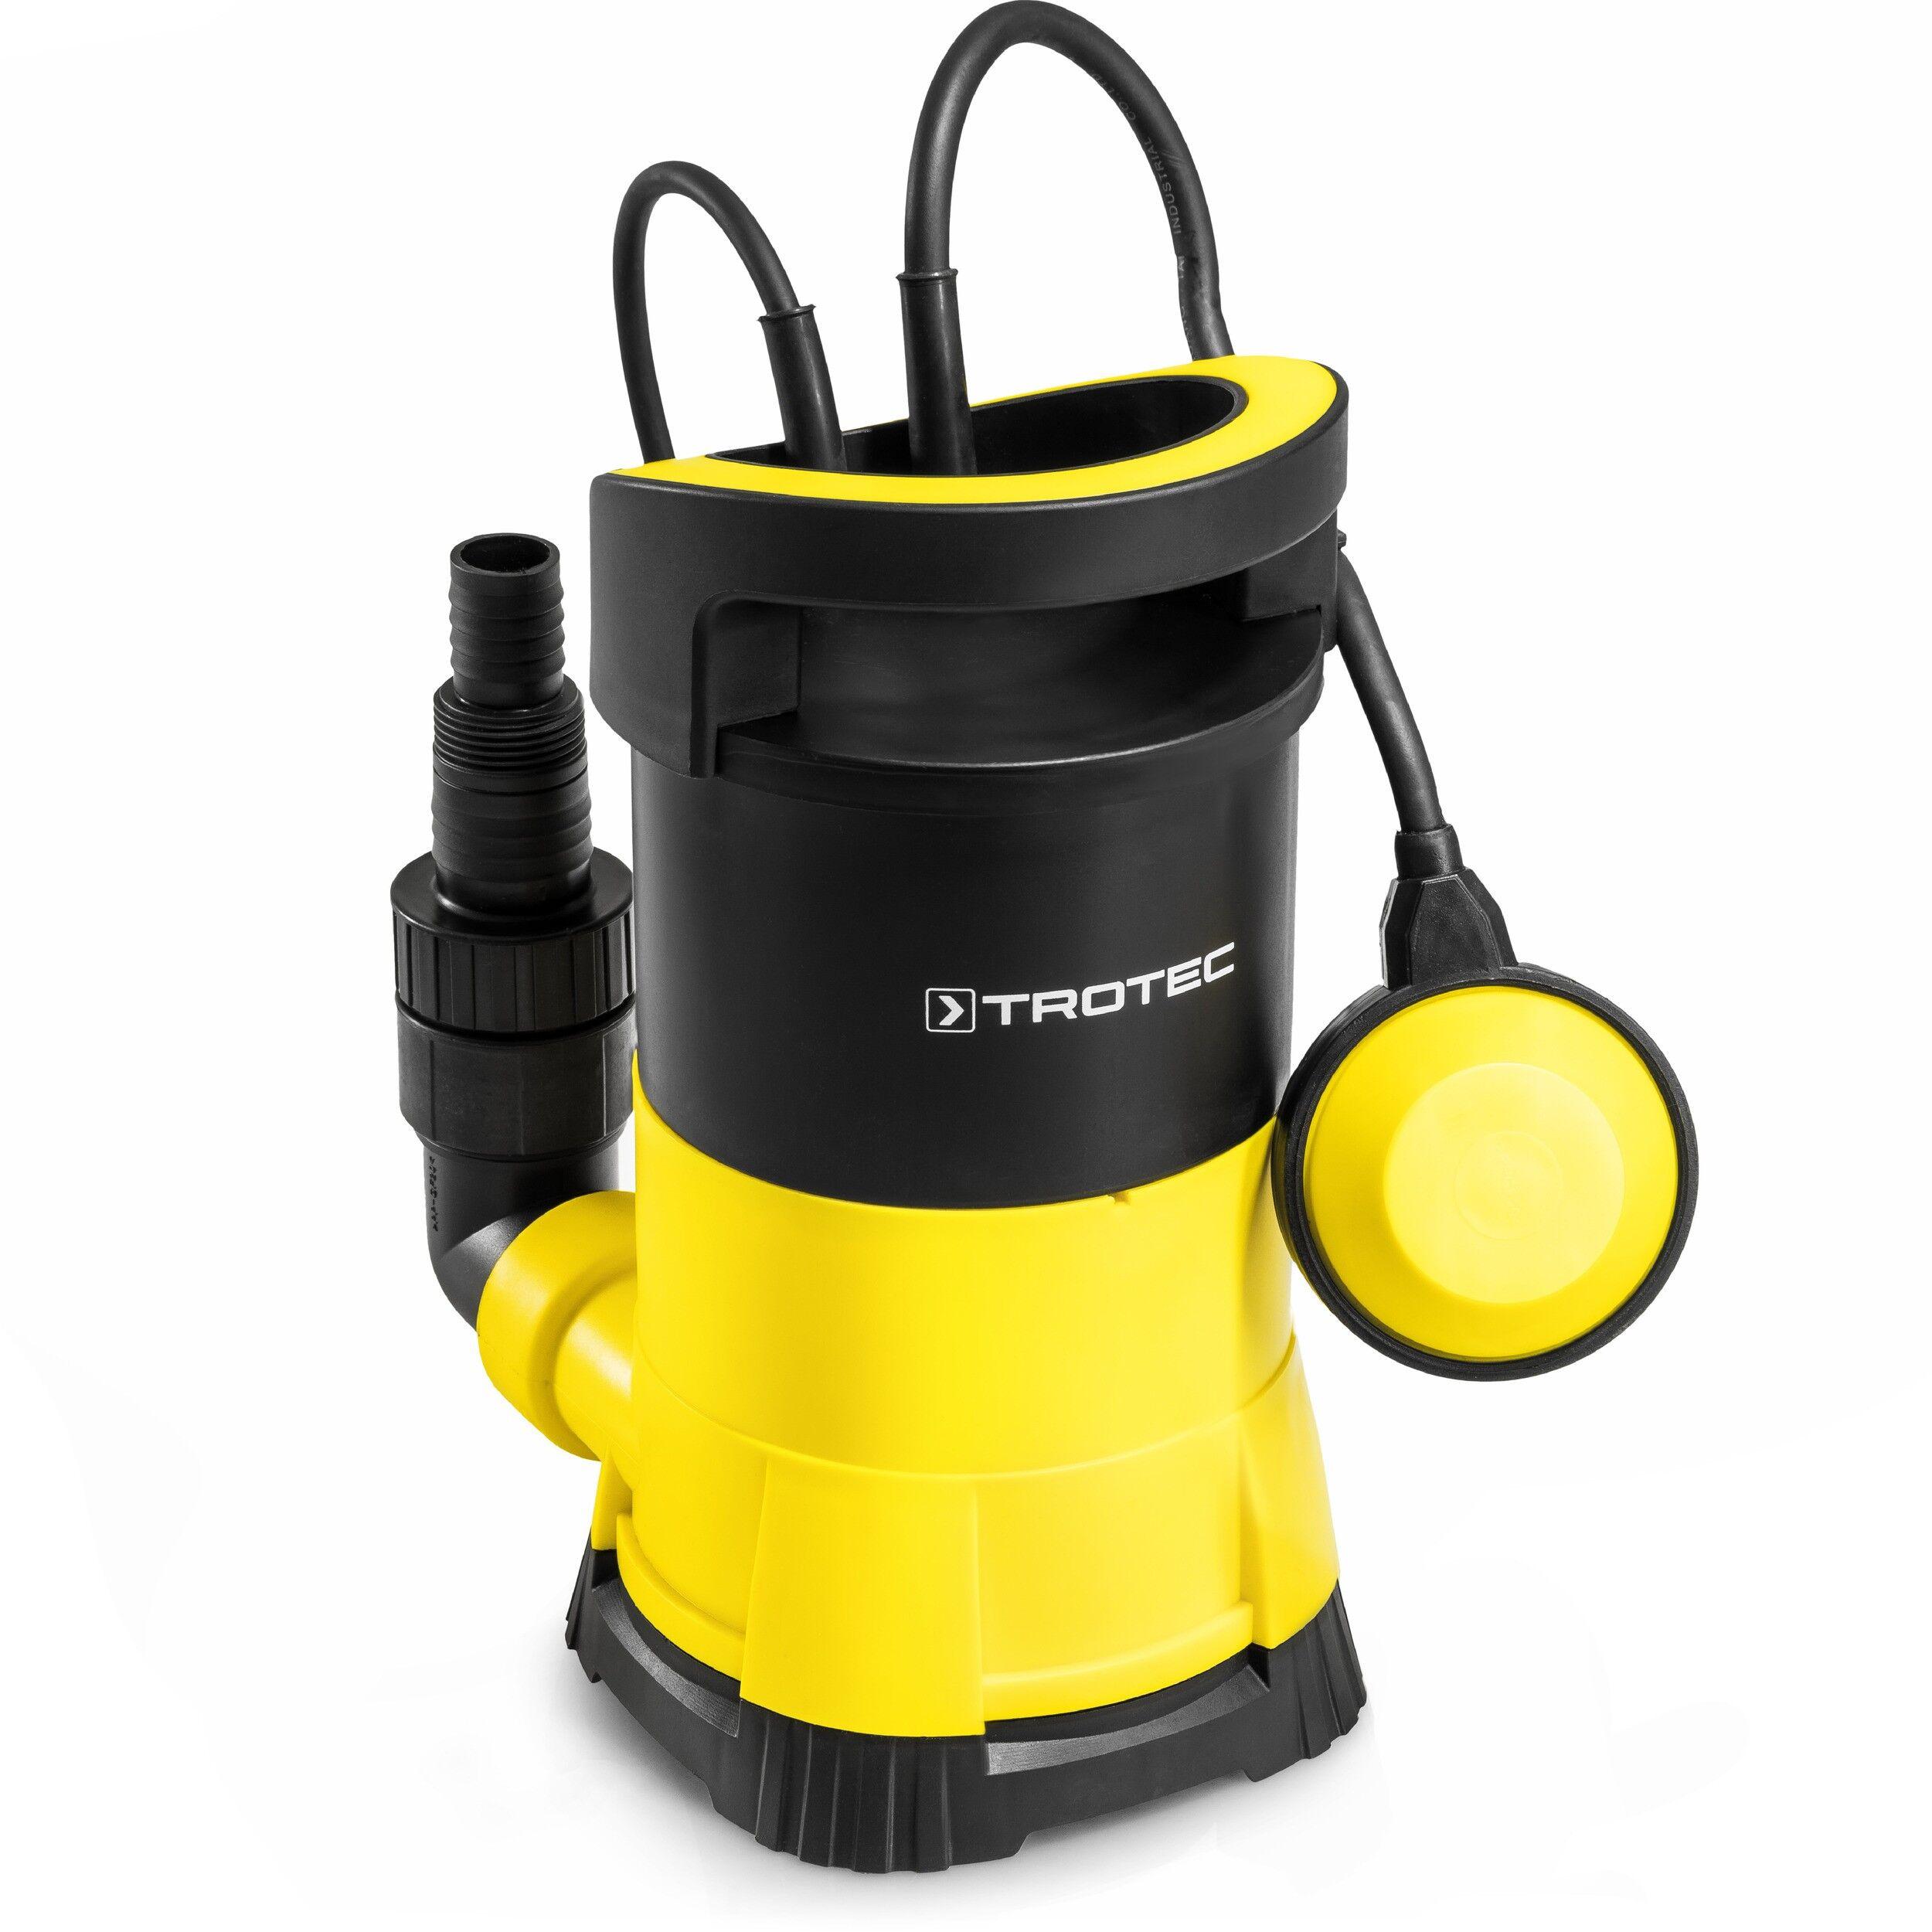 Trotec Pompa ad immersione per acque chiare TWP 4005 E